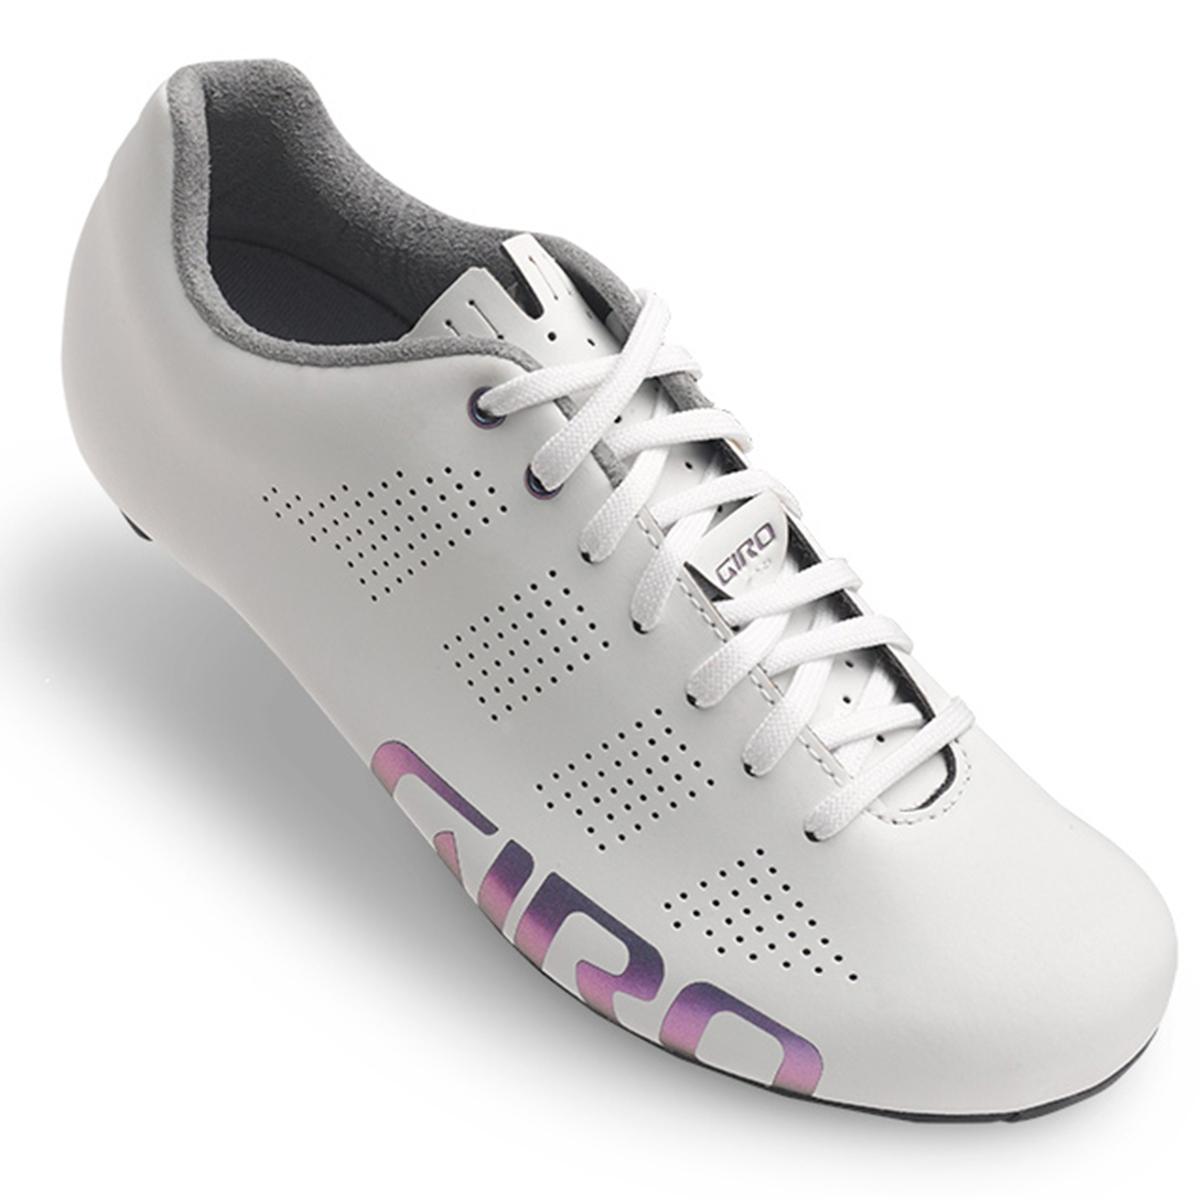 Giro Empire ACC Women's Road Cycling Shoes